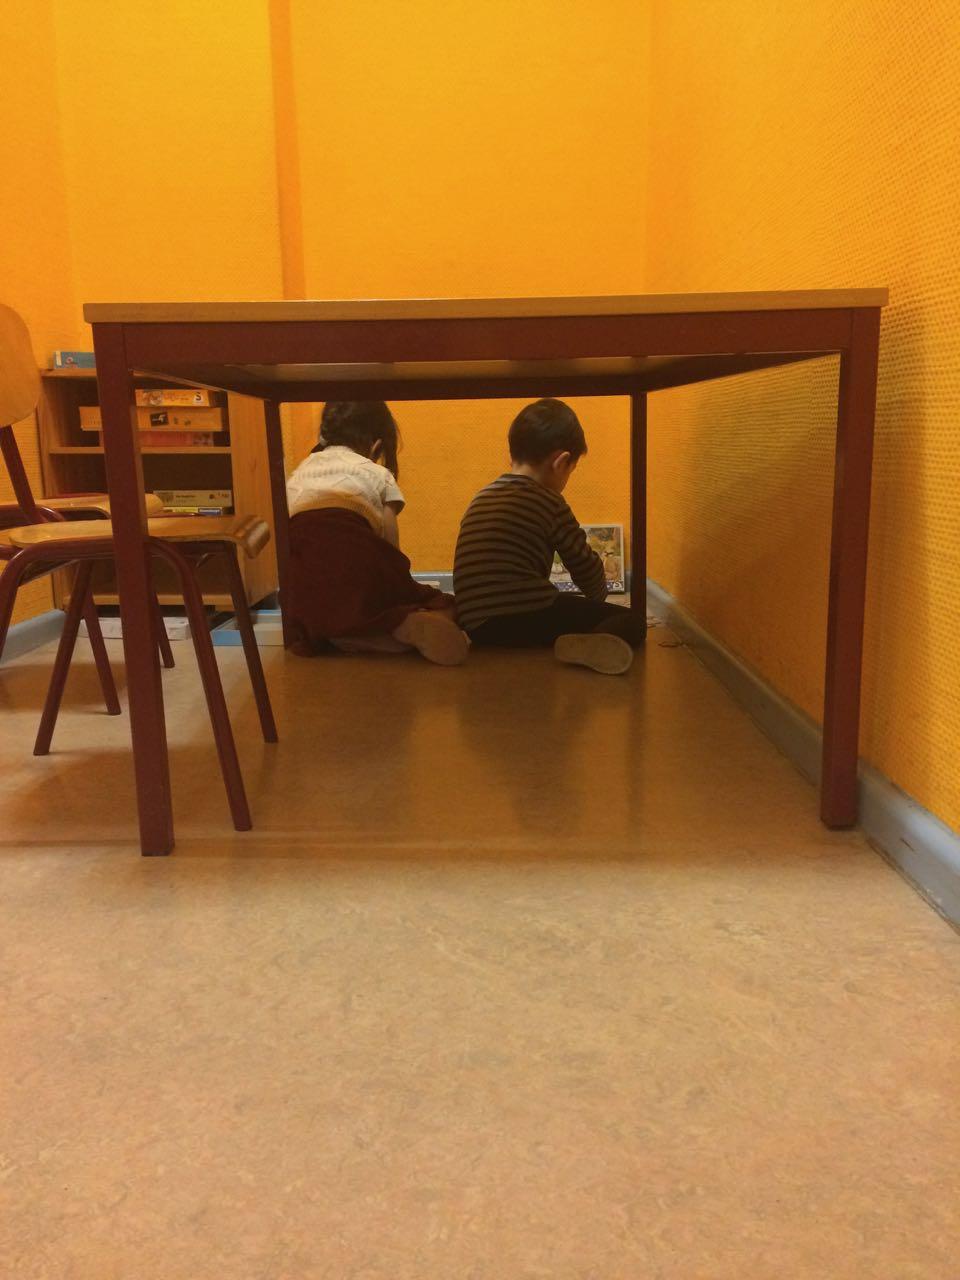 キタと小学校のクラス構成 / Gruppenstruktur der Kita und Schule